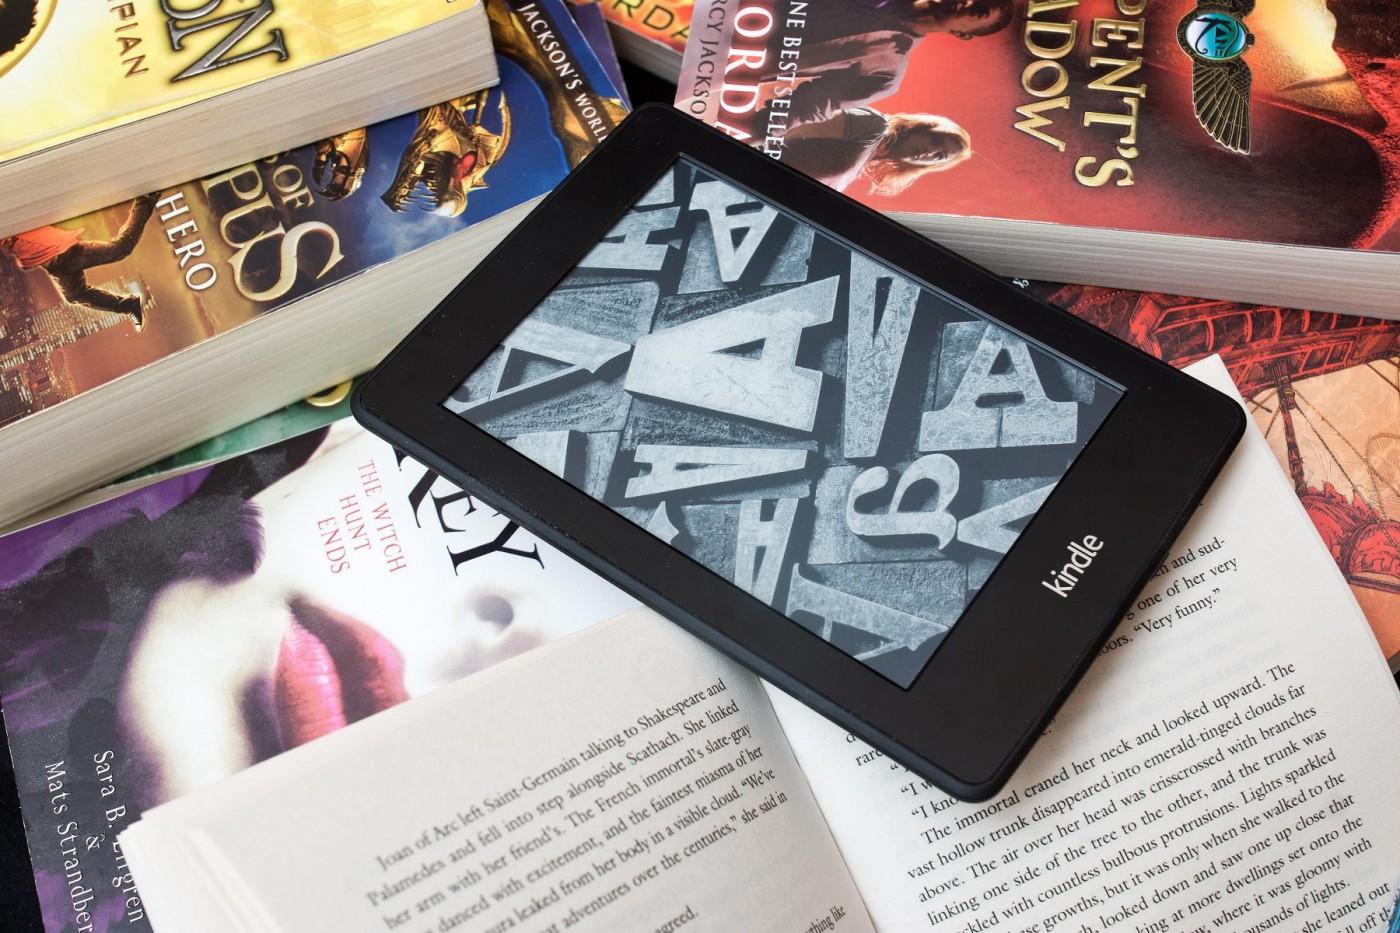 亞馬遜Kindle繁中版開賣在即,各大電子書平台準備好了?